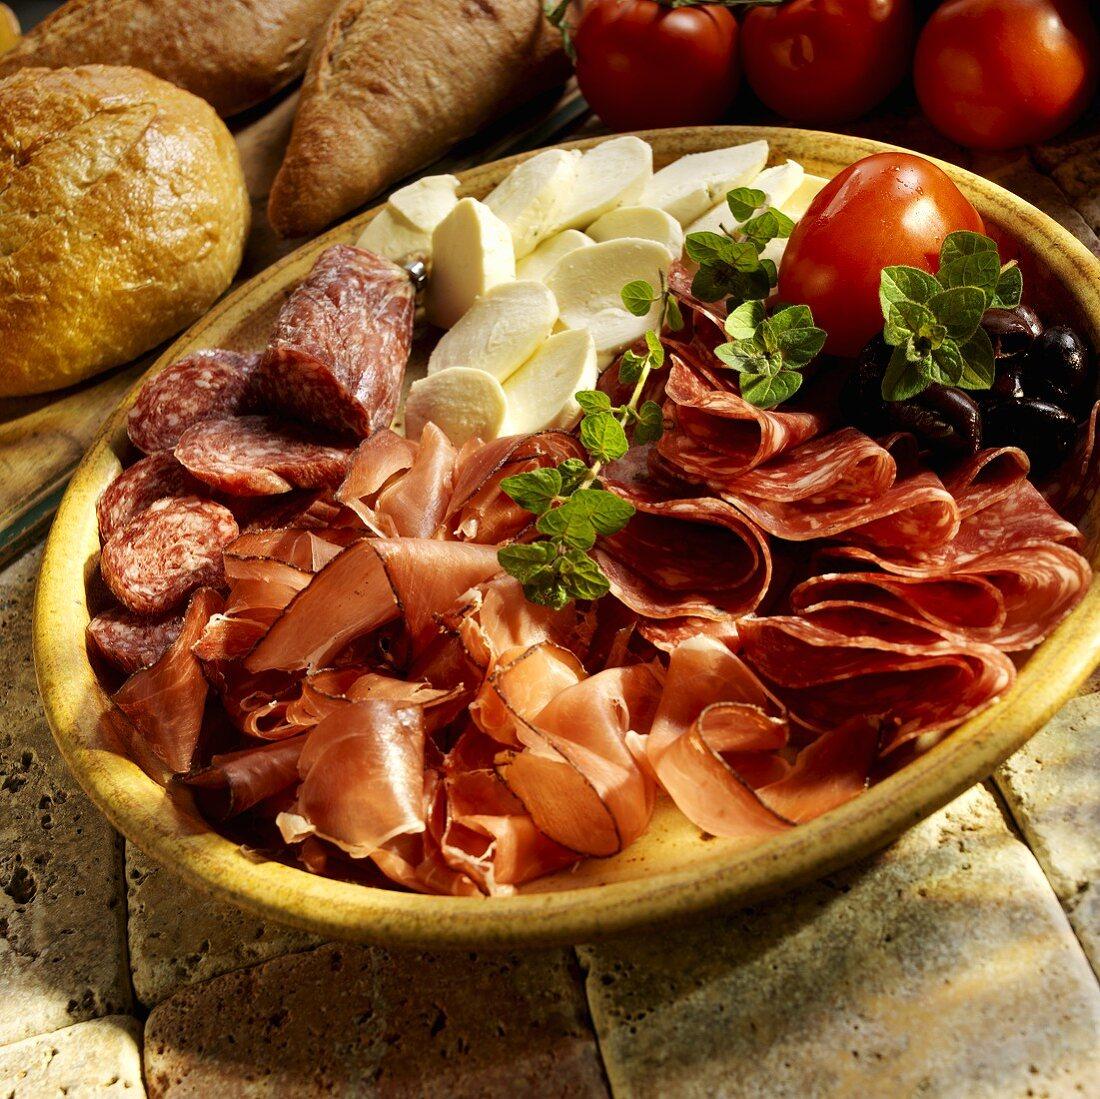 Antipasto di salumi e insaccati (meat platter with mozzarella)